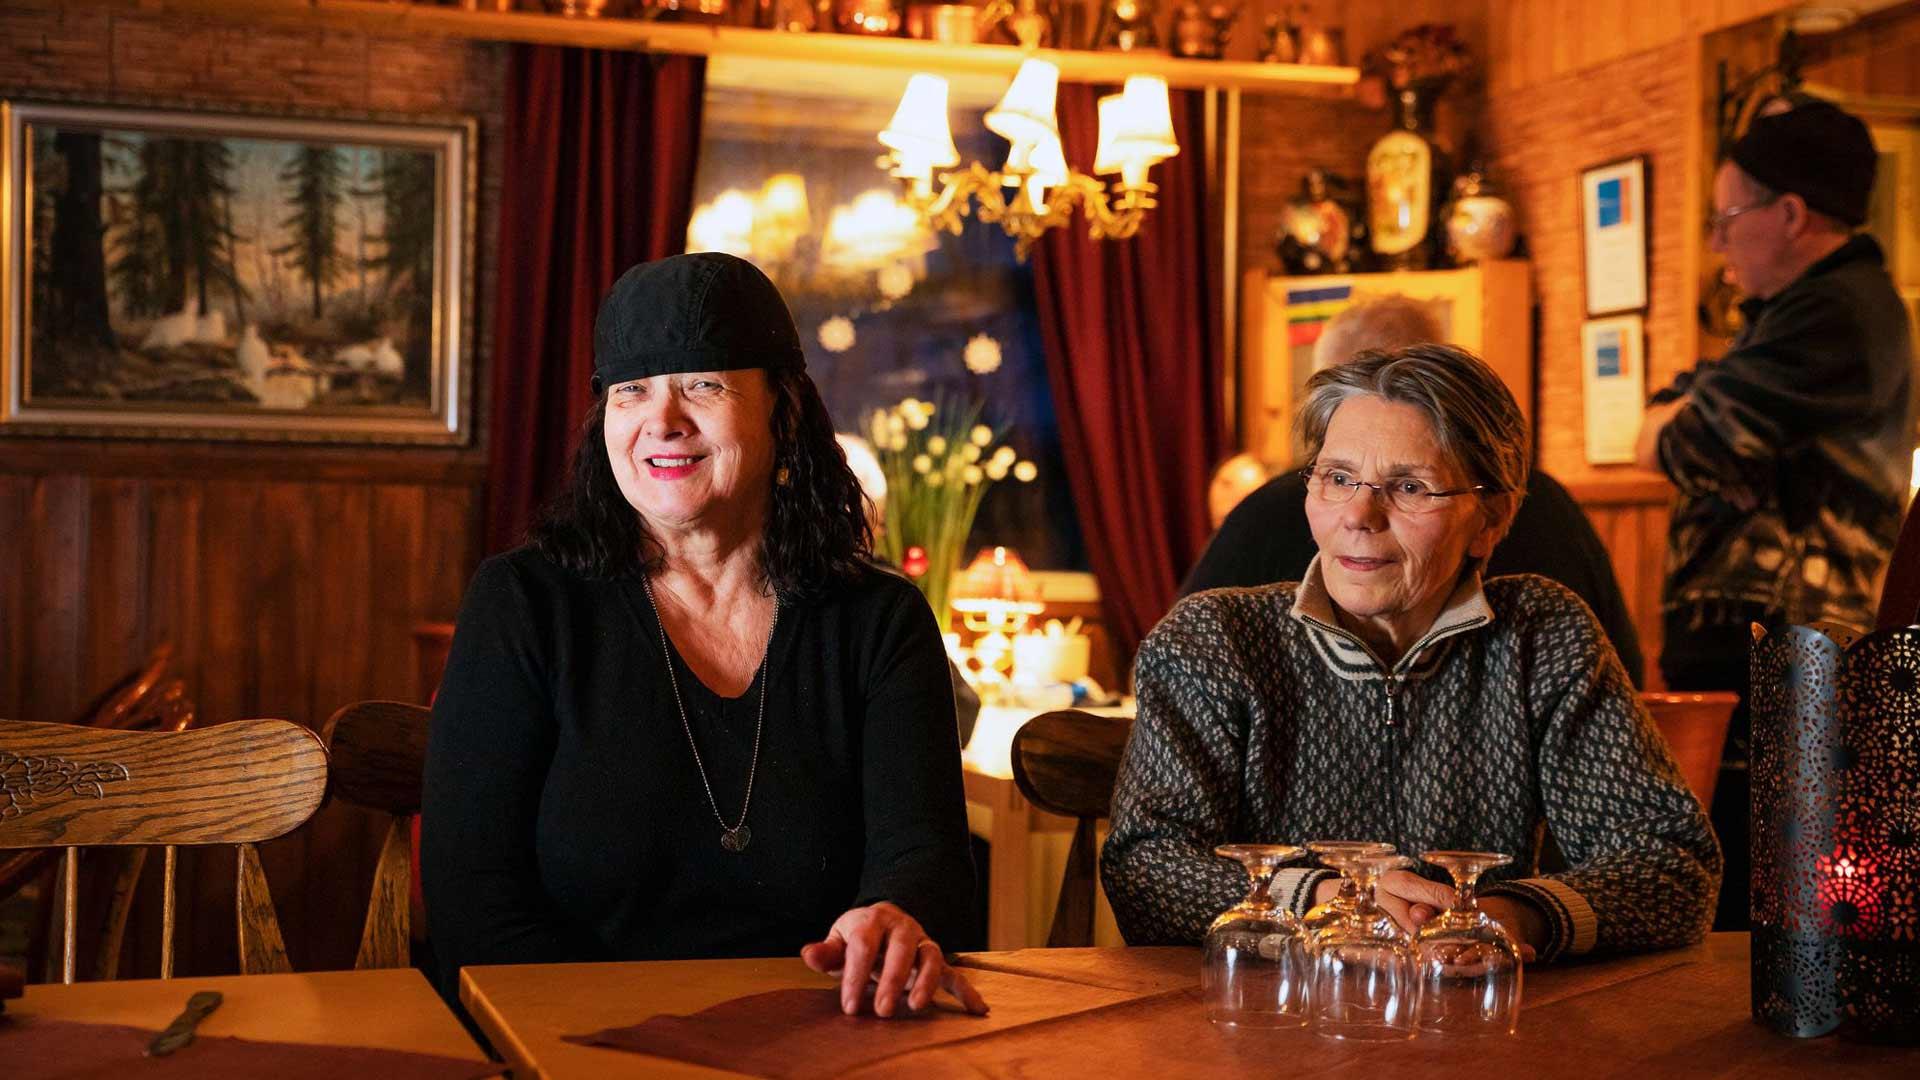 Leena Siiropää (oik.) piipahti iltapäivän viime hämärän aikaan Pub Rastigaisassa. Vuokko Mikkolan emännöimän ravintolan nurkkapöydässä lyötiin korttia.